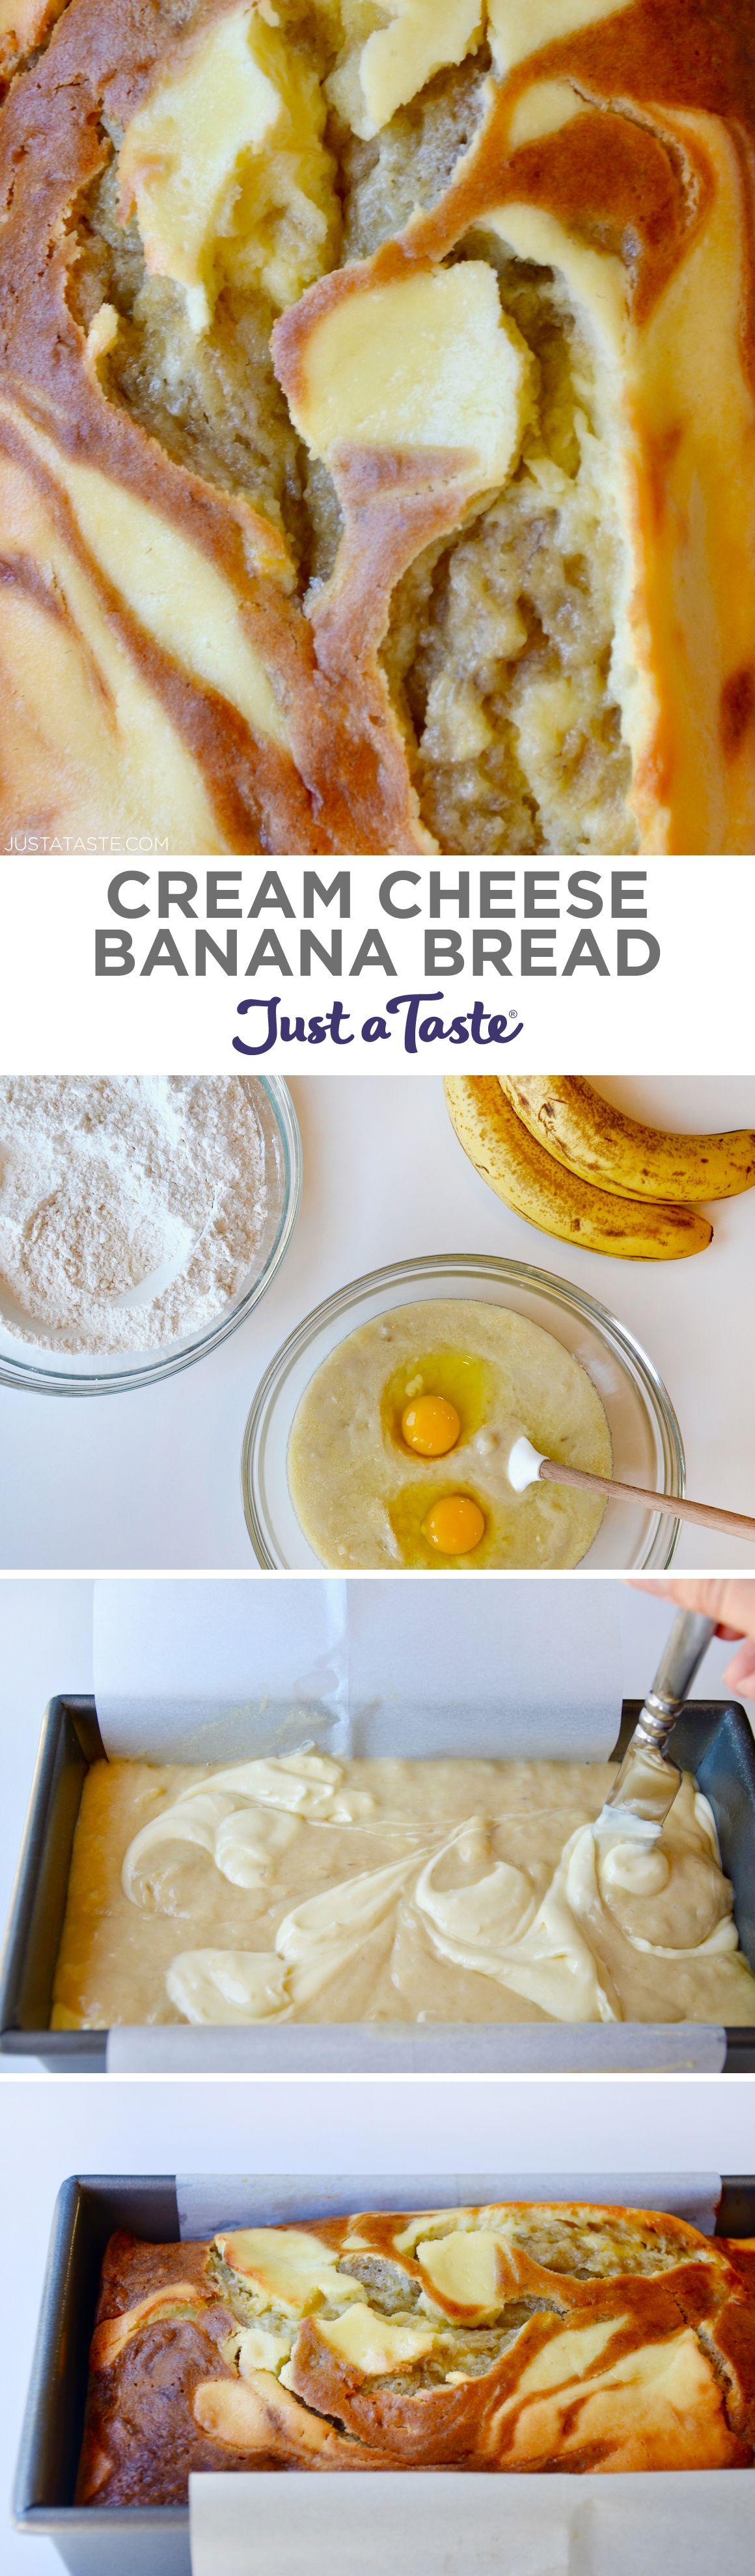 Cream Cheese Banana Bread Recipe From Justataste Com Recipe Banana Creamcheese Justataste Banana Bread Recipes Banana Recipes Dessert Bread